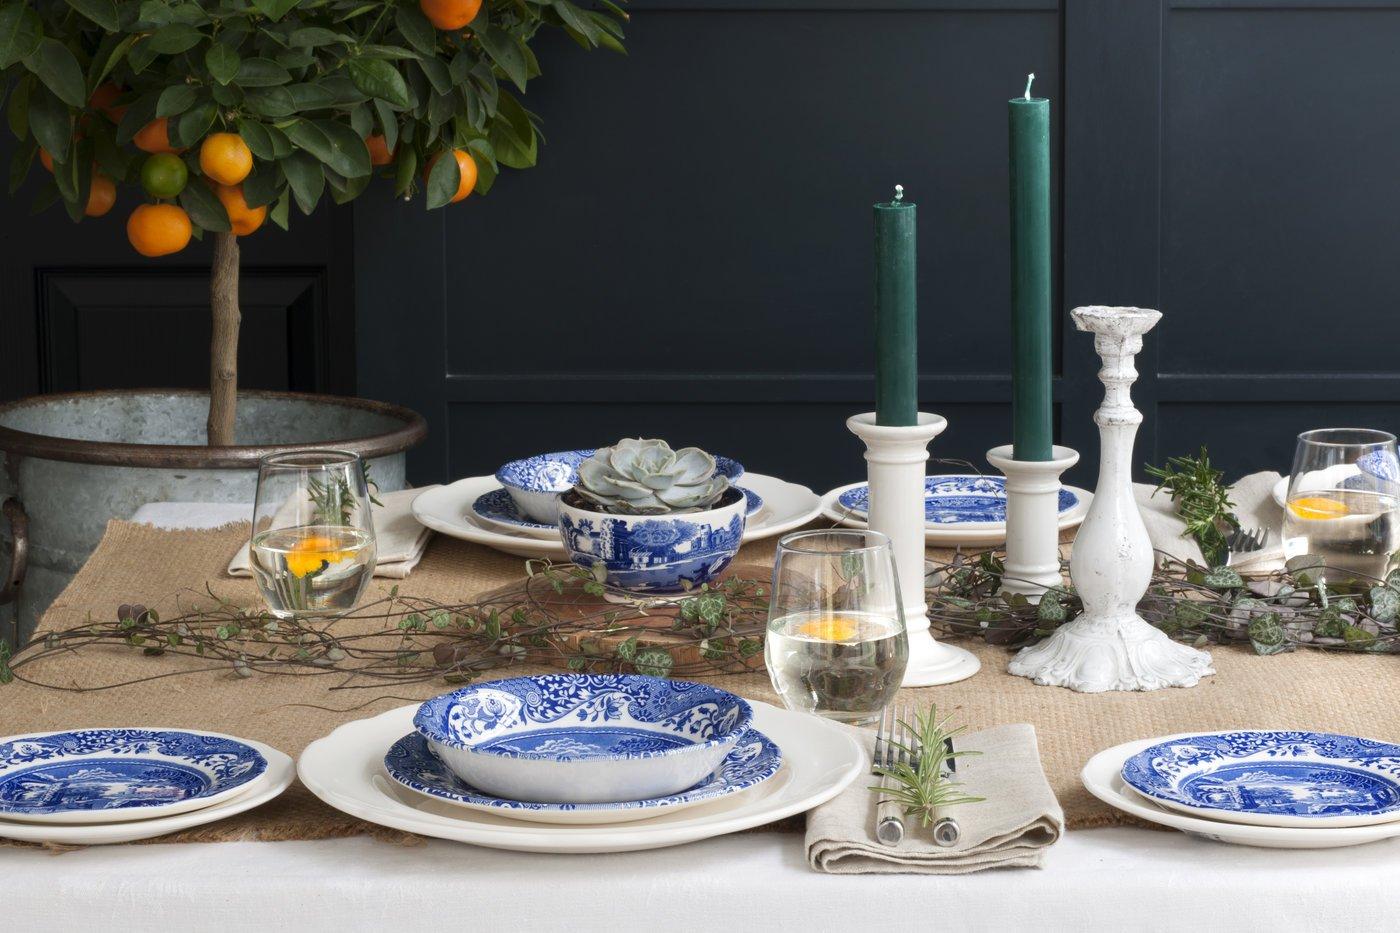 Spode Blue Italian Dinner Plate, Set of 4 by Spode (Image #6)